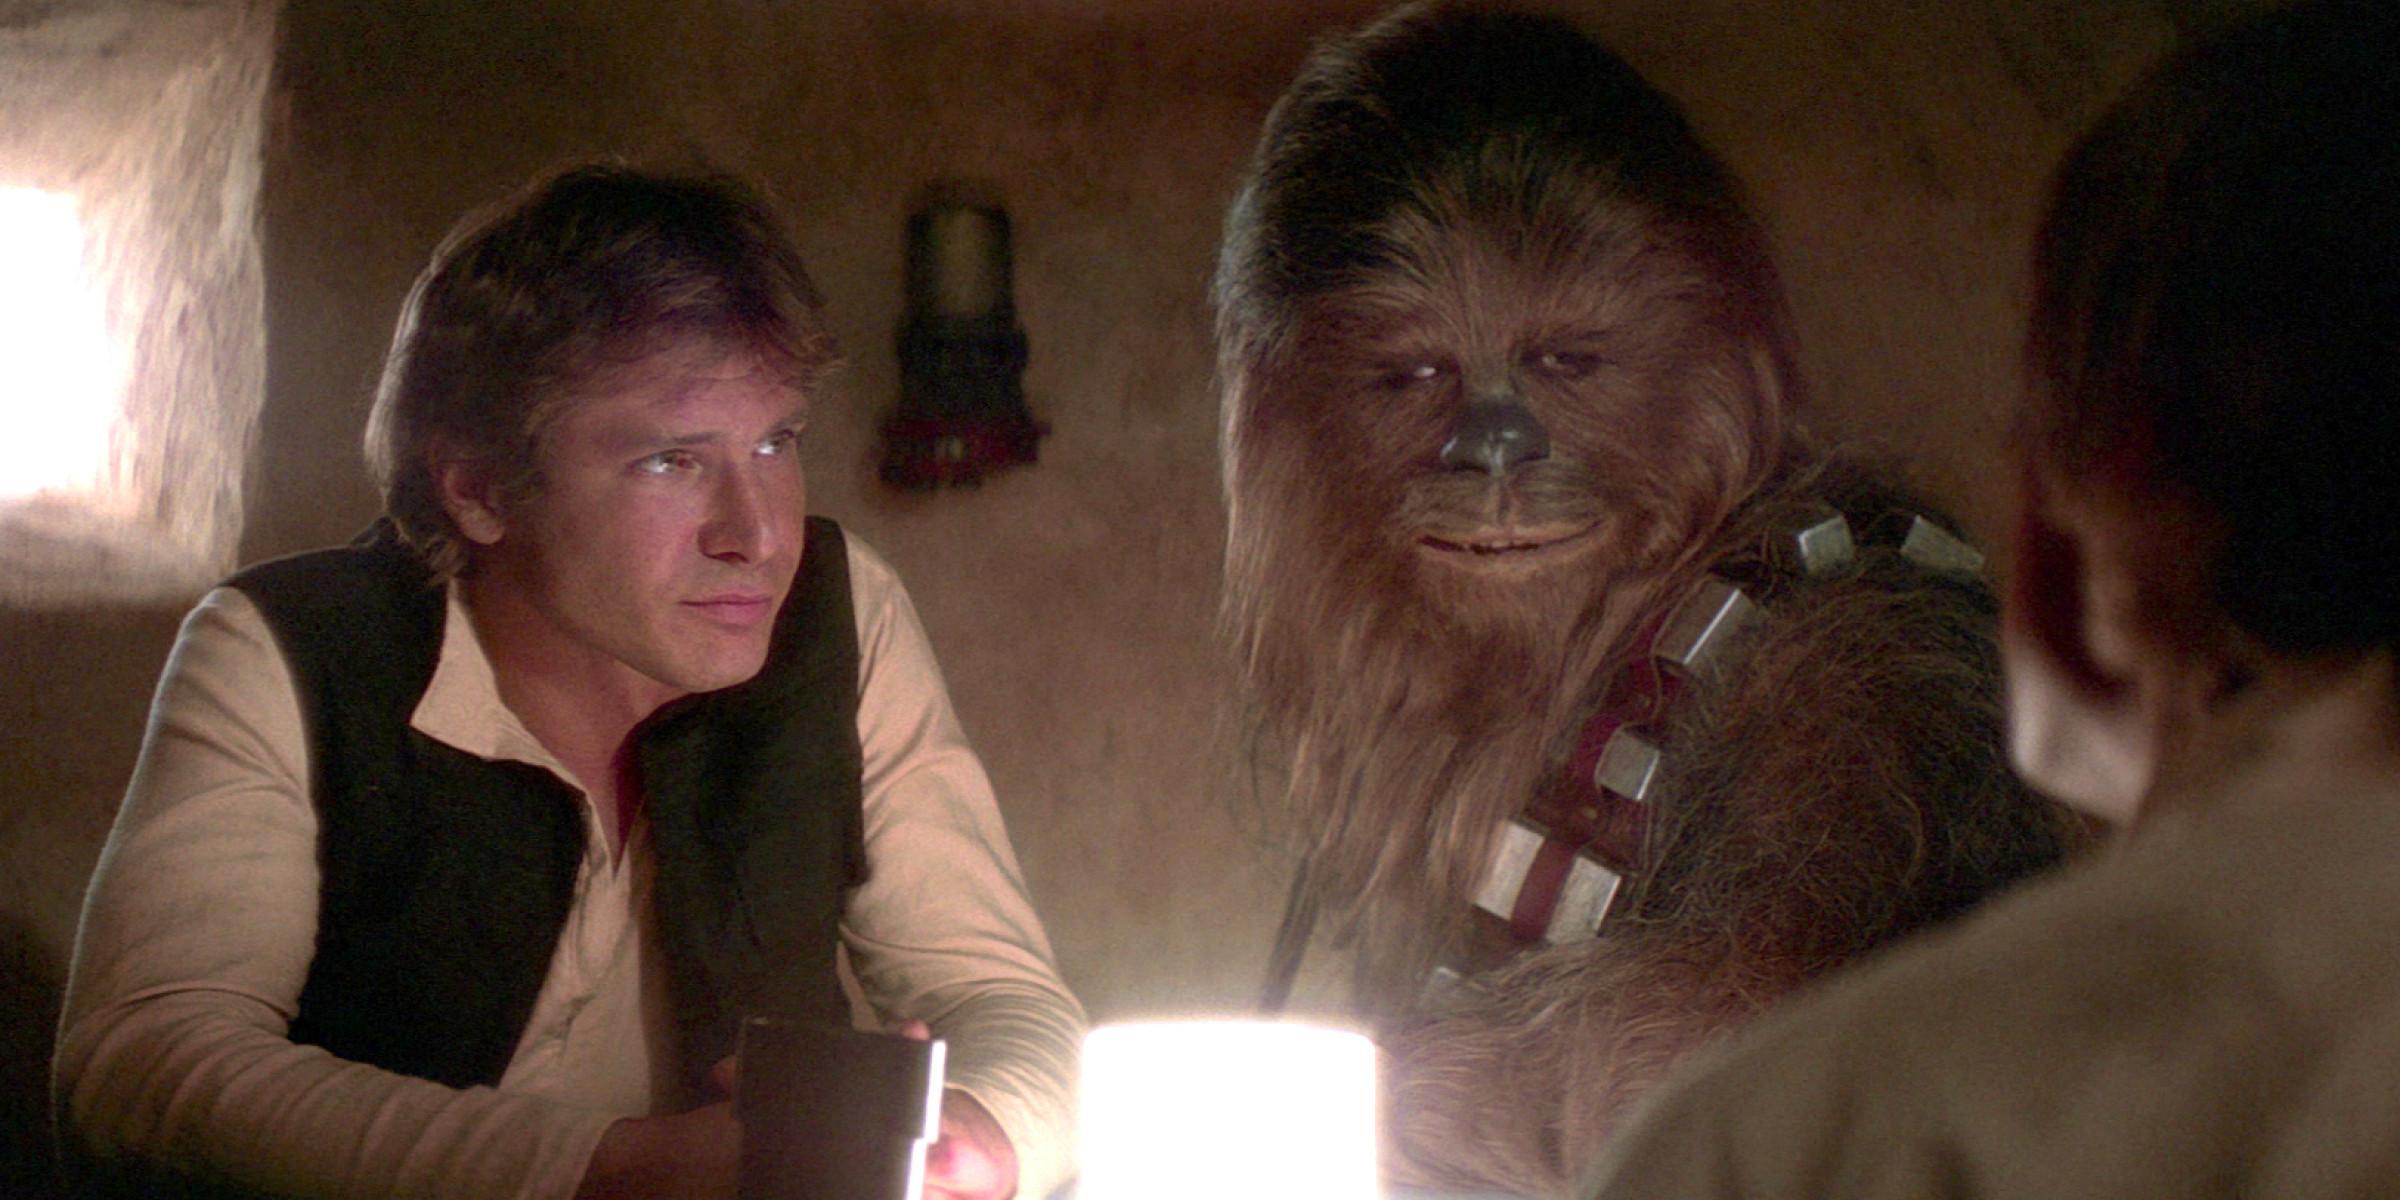 Resultado de imagem para star wars episode 4 han solo and chewbacca